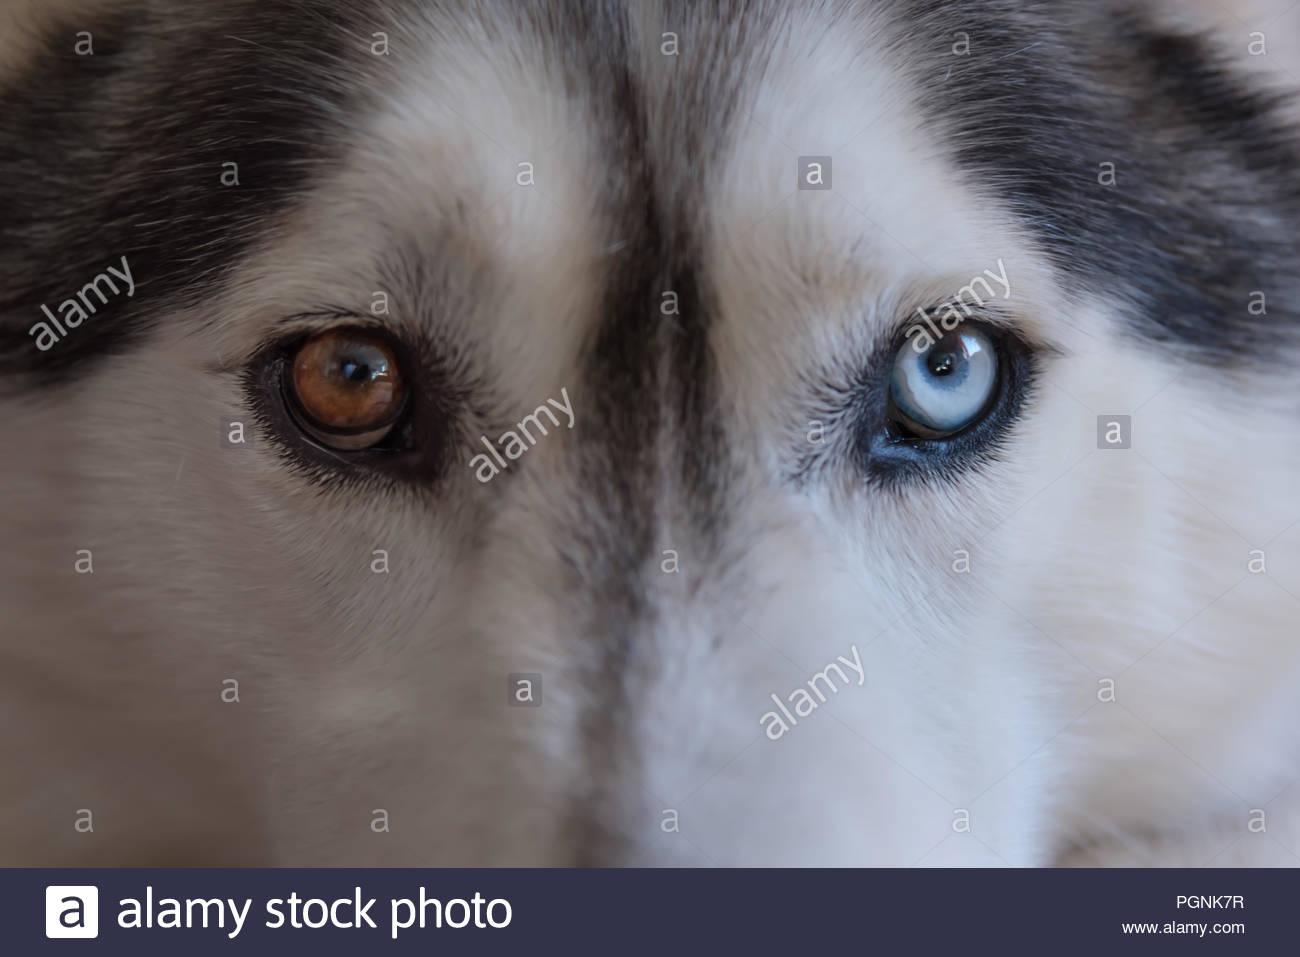 Nahaufnahme der bi-farbigen oder Parti-farbigen Augen eines grauen und weißen Husky wolf Hunderasse. ein Auge blau, die andere Braun Stockbild